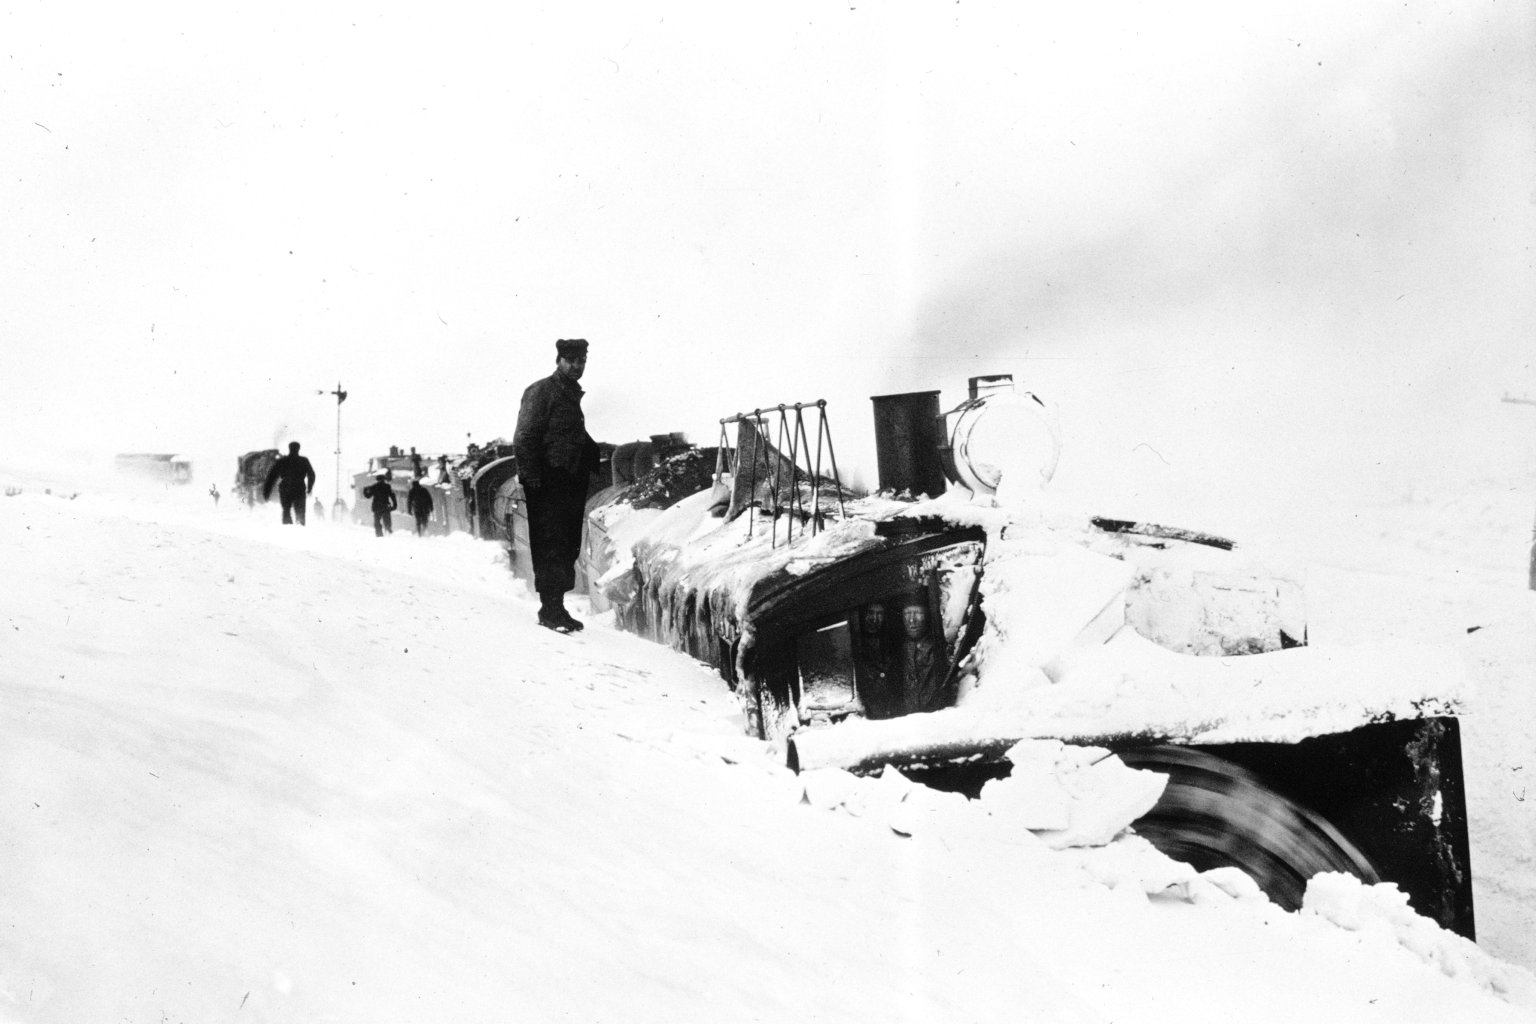 Laramie, Wy. 1917